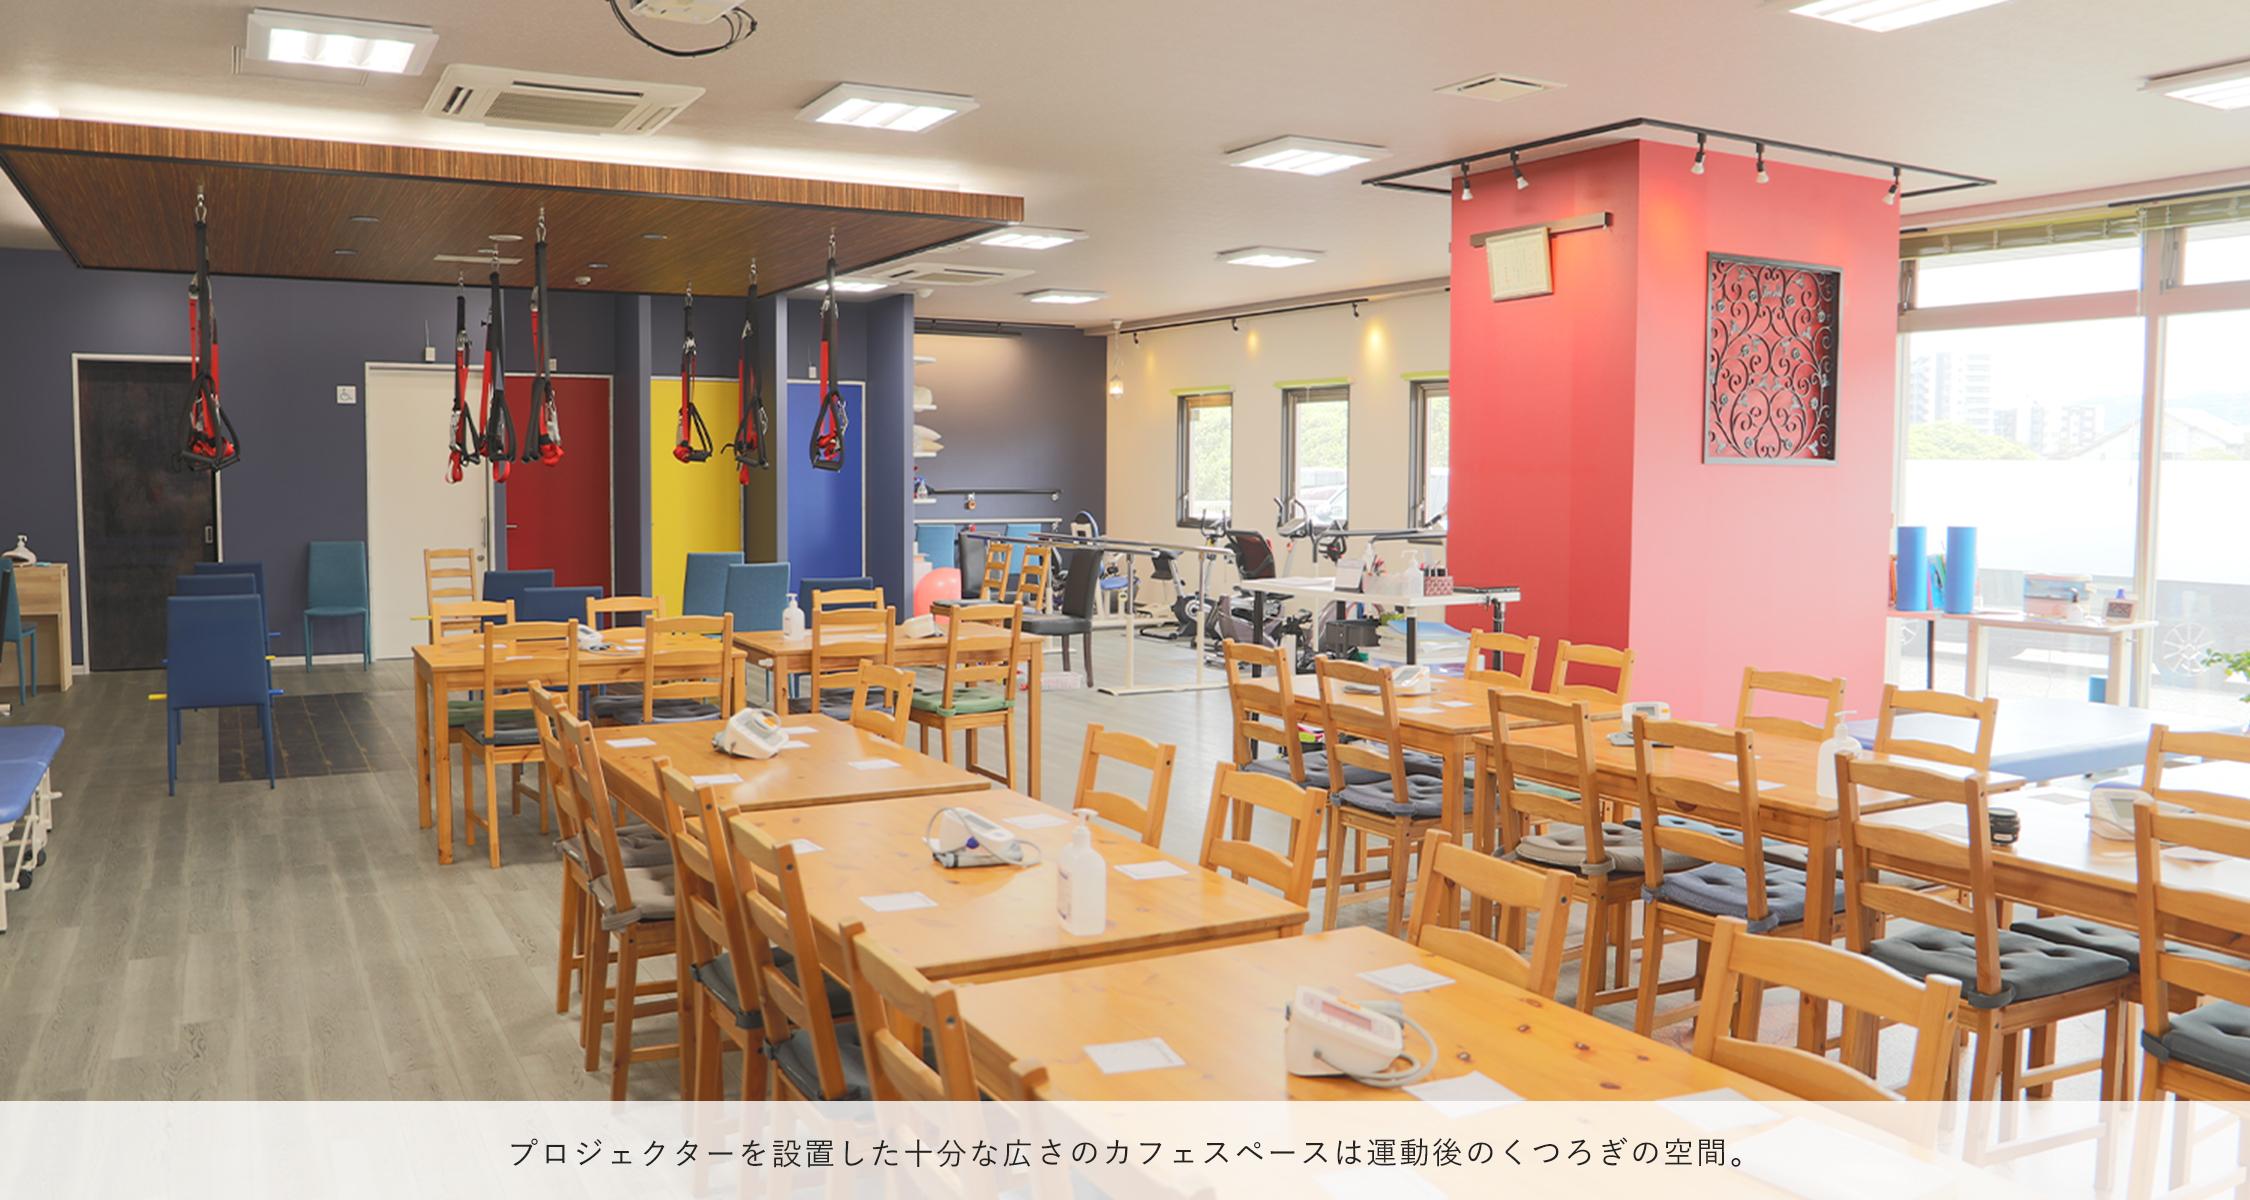 プロジェクターを設置した十分な広さのカフェスペースは運動後のくつろぎの空間。